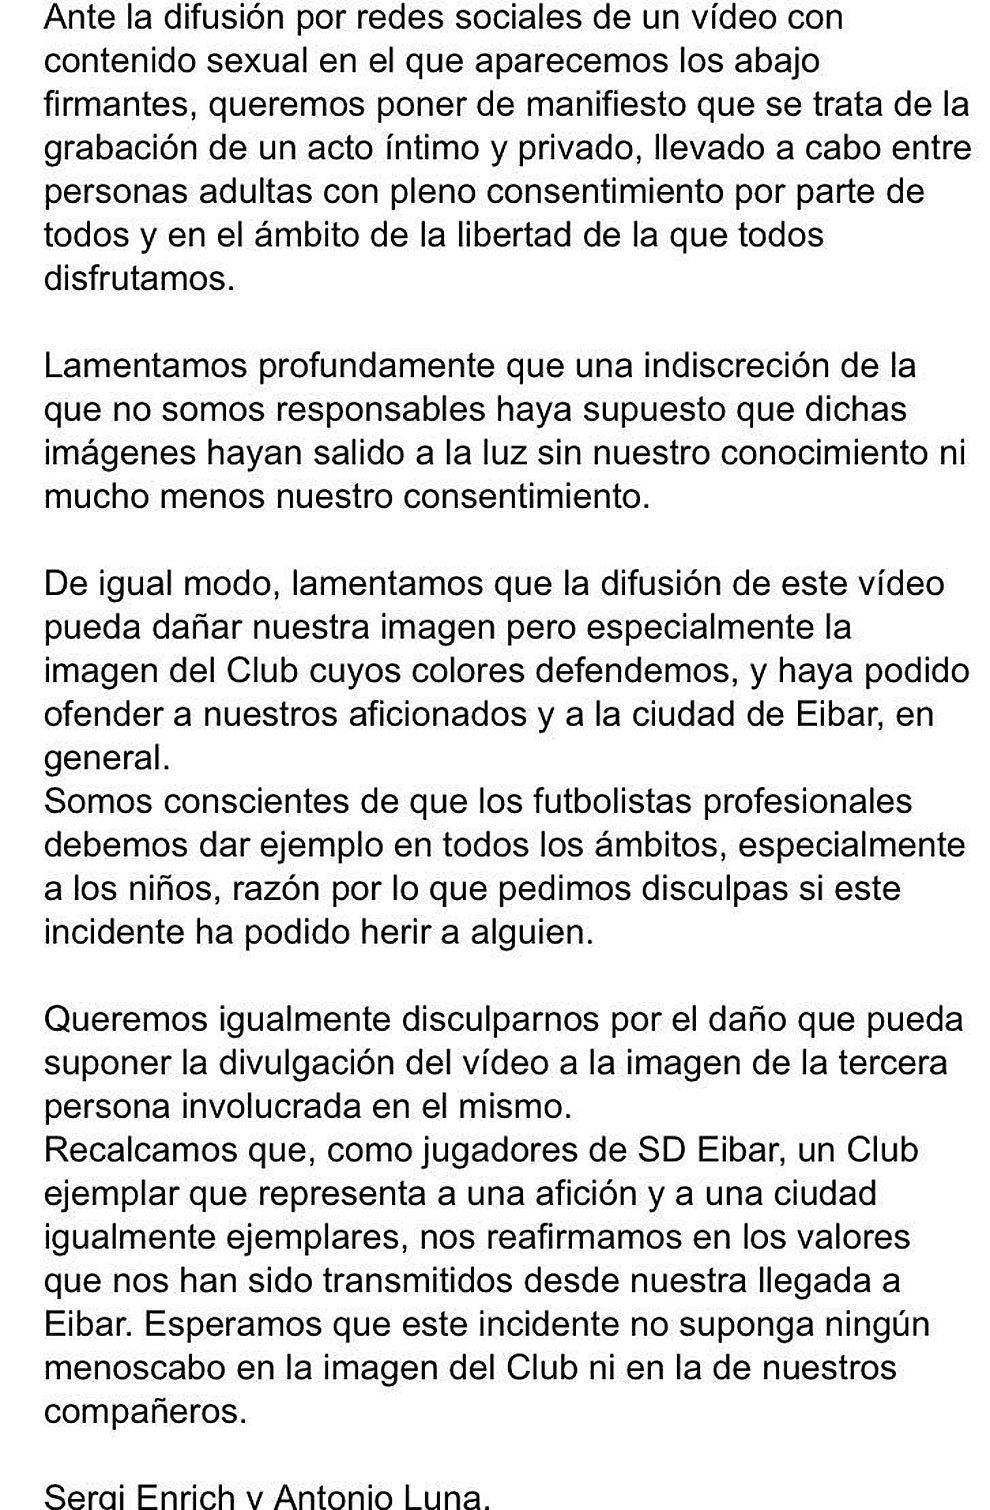 Comunicado de Sergi Enrich y Antonio Luna tras difusión de video sexual